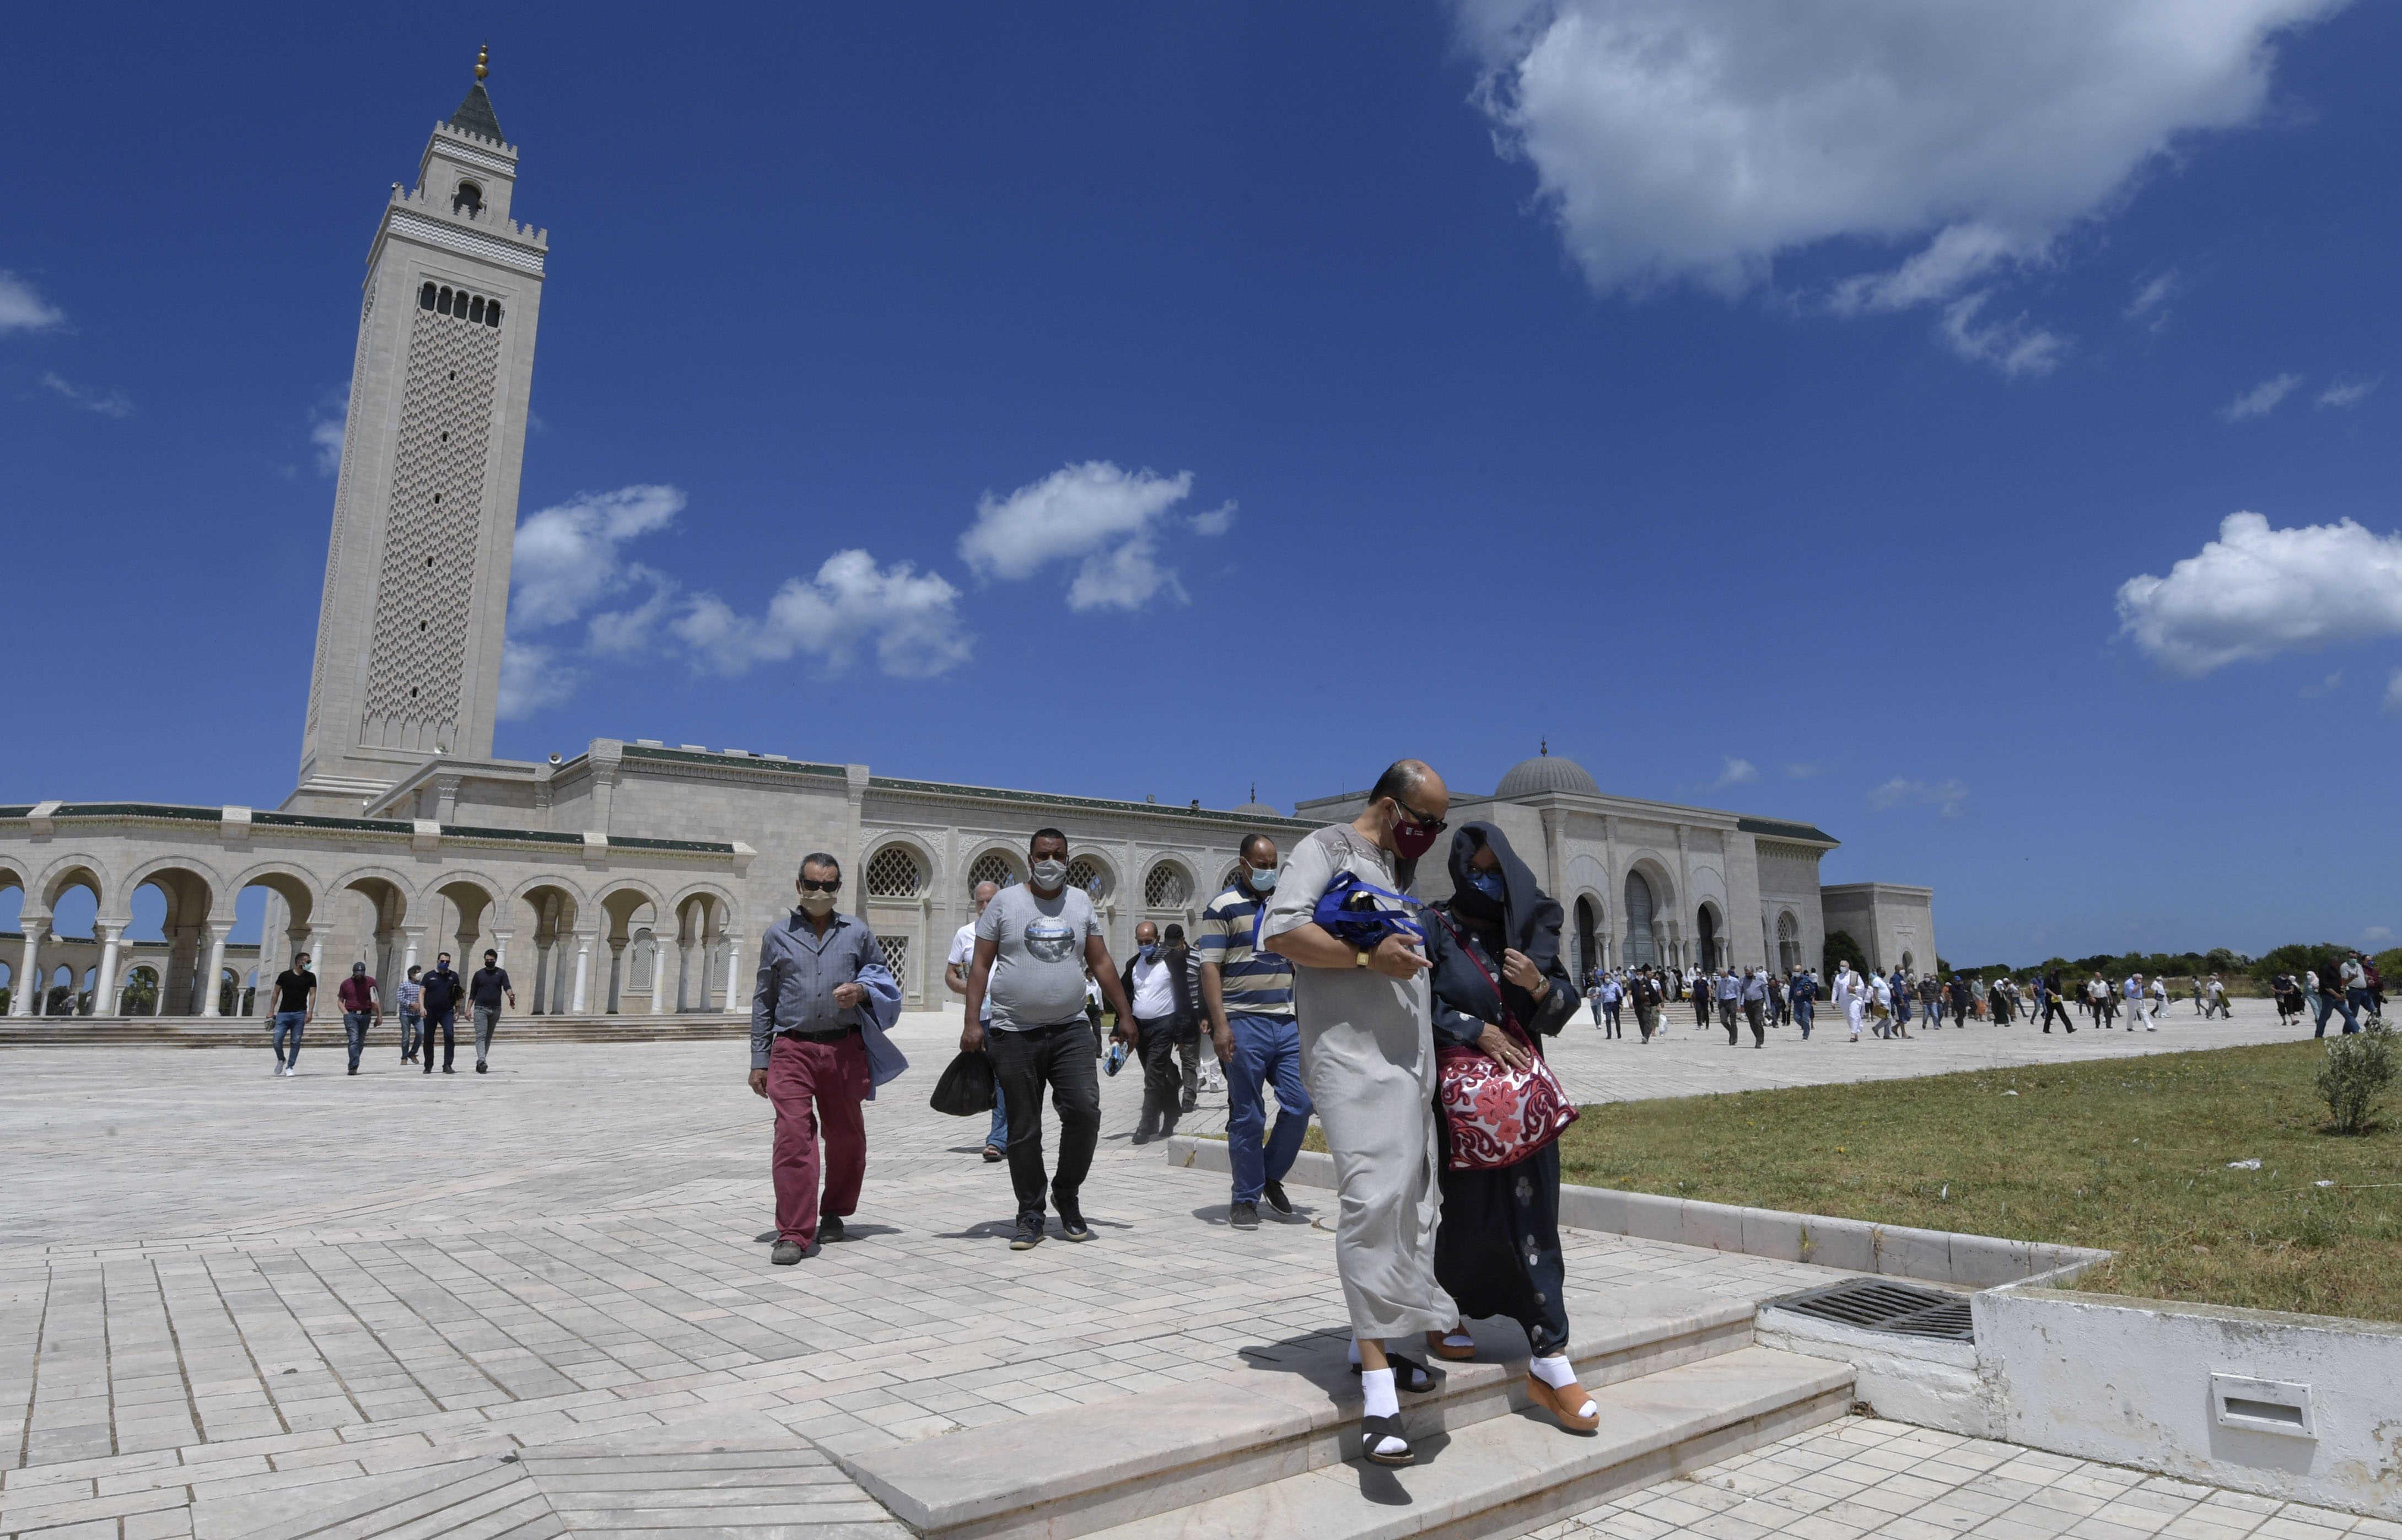 تونس تنهي حظر التجول بعد إعلان السيطرة على فيروس كورونا | الحرة